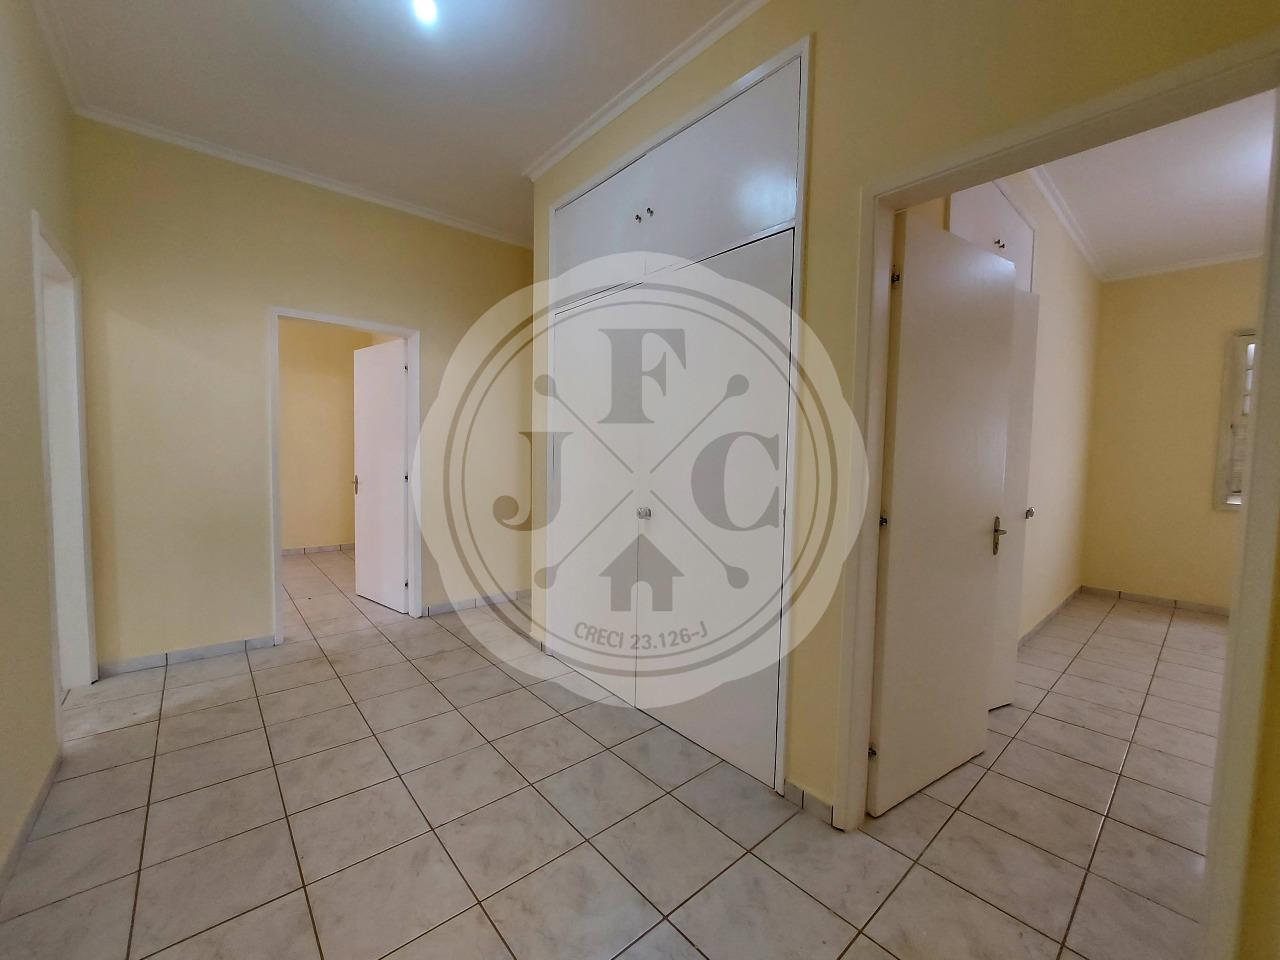 Casa para aluguel no Alto da Boa Vista: Hall com Ropeiro